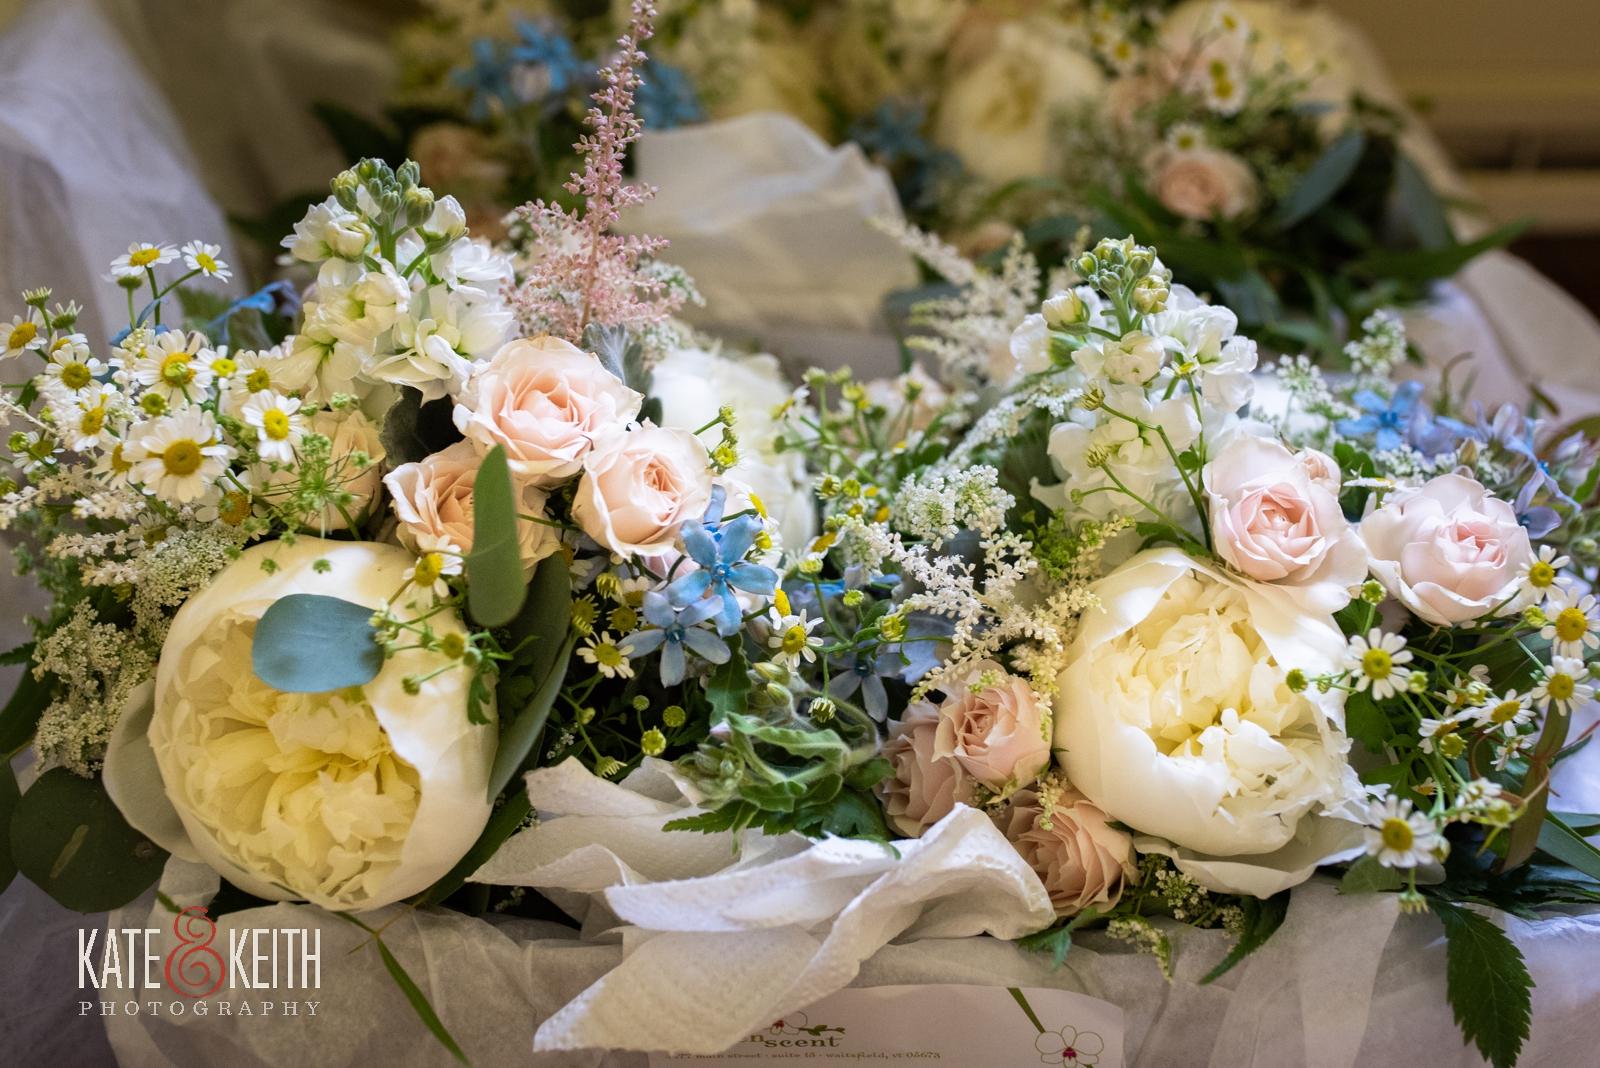 Heavenscent Floral Artwedding flowers